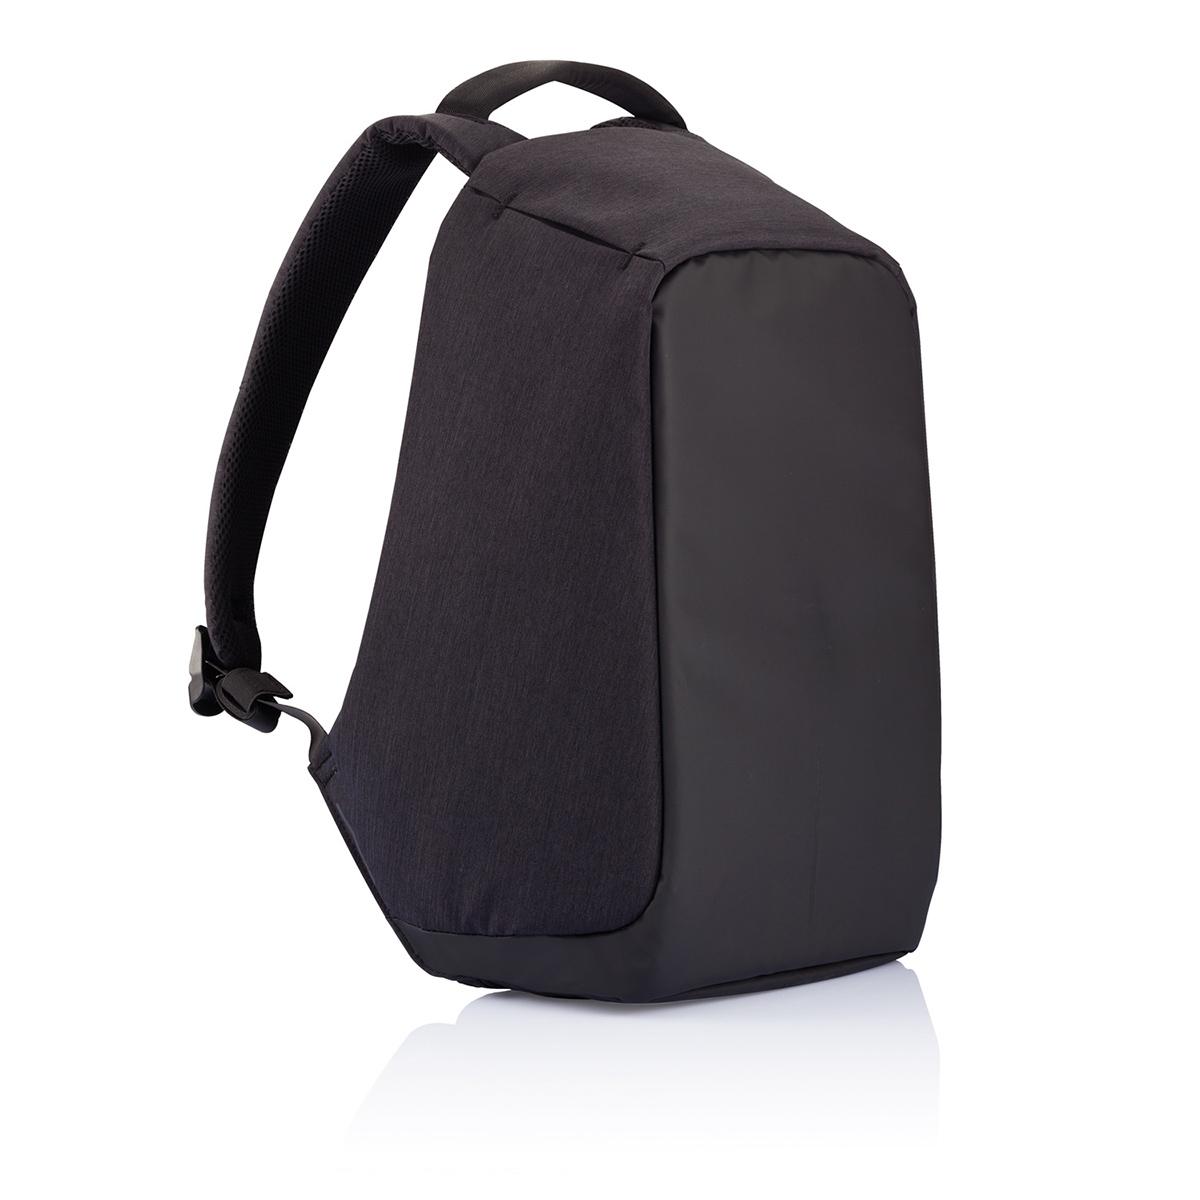 Рюкзак для ноутбука до 15 XD Design Bobby, цвет: черный. Р705.545Гризли• Полная защита от карманников: не открыть, не порезать• USB-порт для зарядки гаджетов от спрятонного внутри рюкзака аккумулятора• Светоотражающие полосы• Супер-легкий: на 25% легче аналогов• Отделение для ноутбука до 15,6• Отделение для планшета• Влагозащита• Лямка для крепления на чемодан